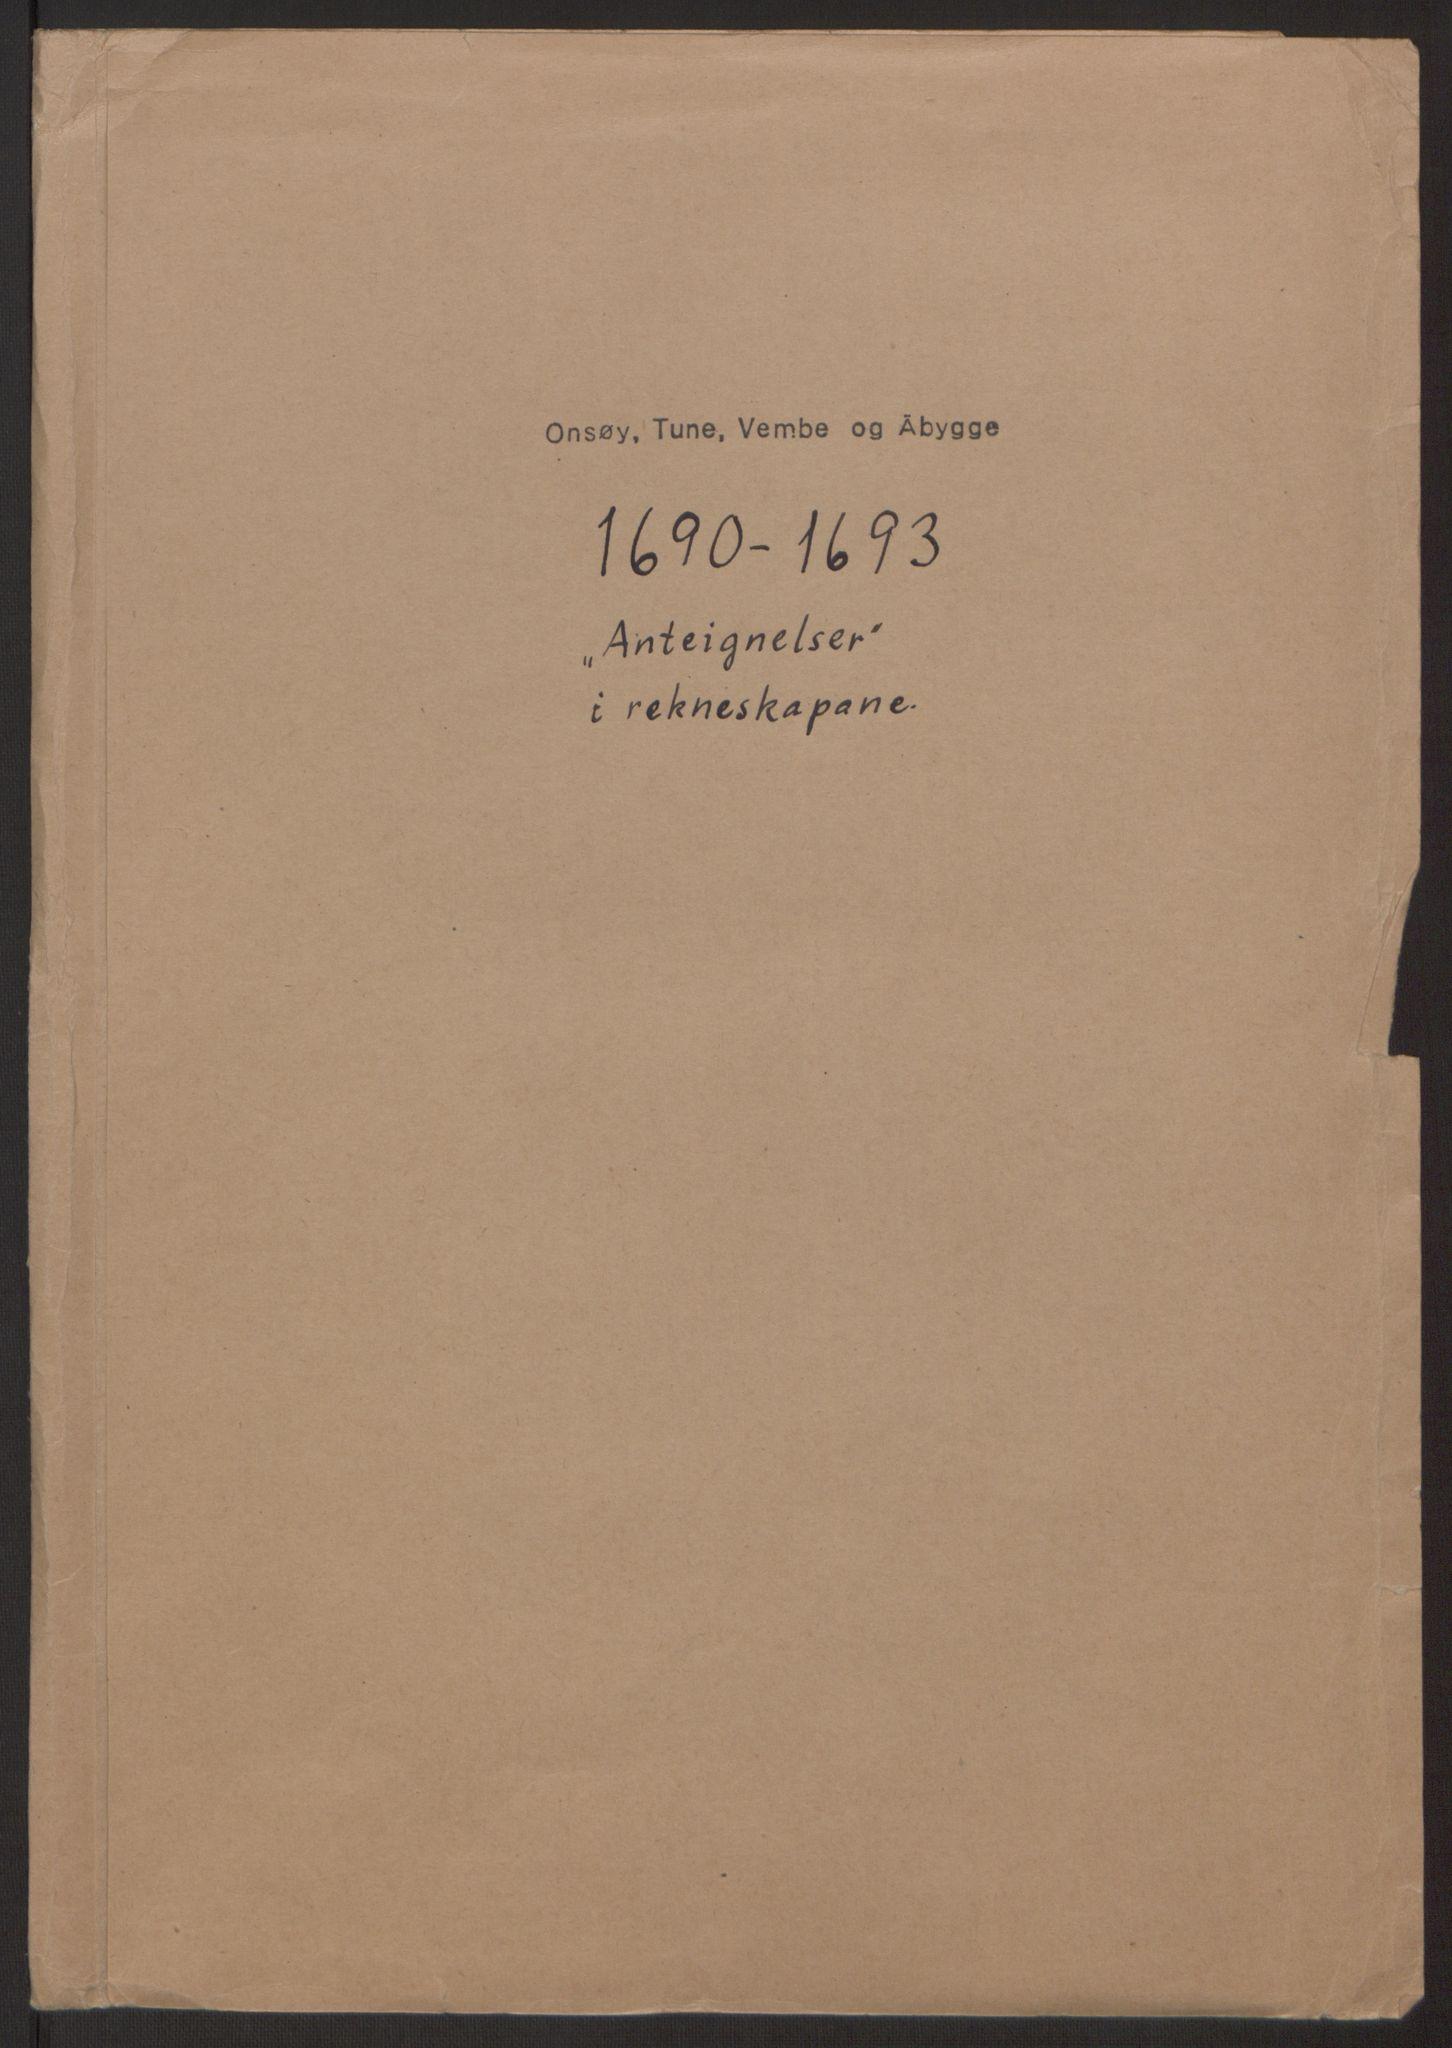 RA, Rentekammeret inntil 1814, Reviderte regnskaper, Fogderegnskap, R03/L0120: Fogderegnskap Onsøy, Tune, Veme og Åbygge fogderi, 1692-1693, s. 428